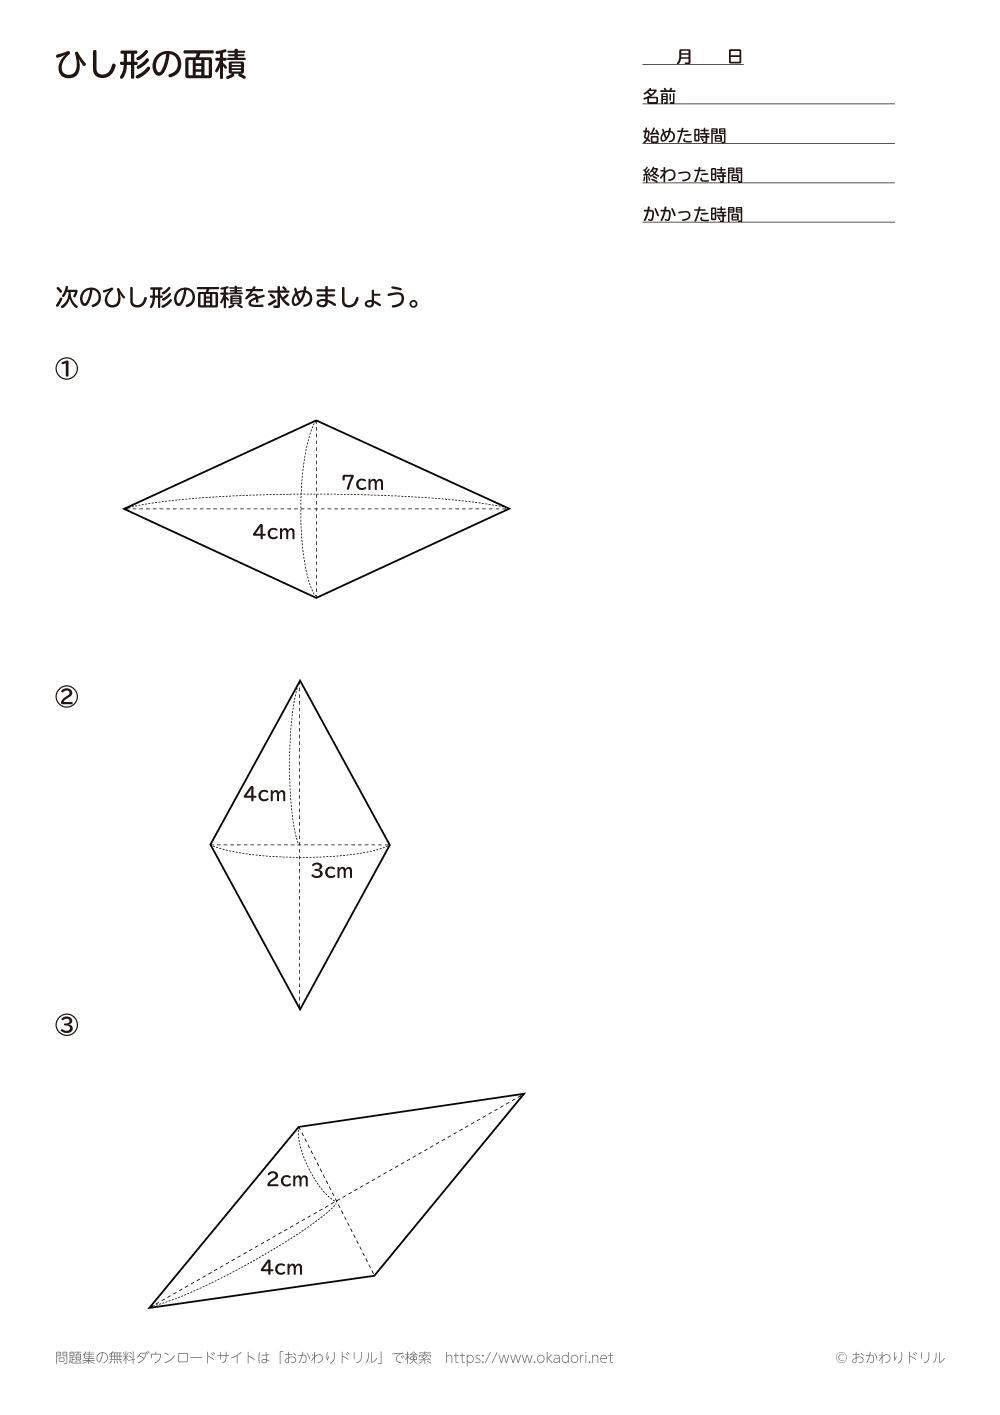 ひし形の面積1